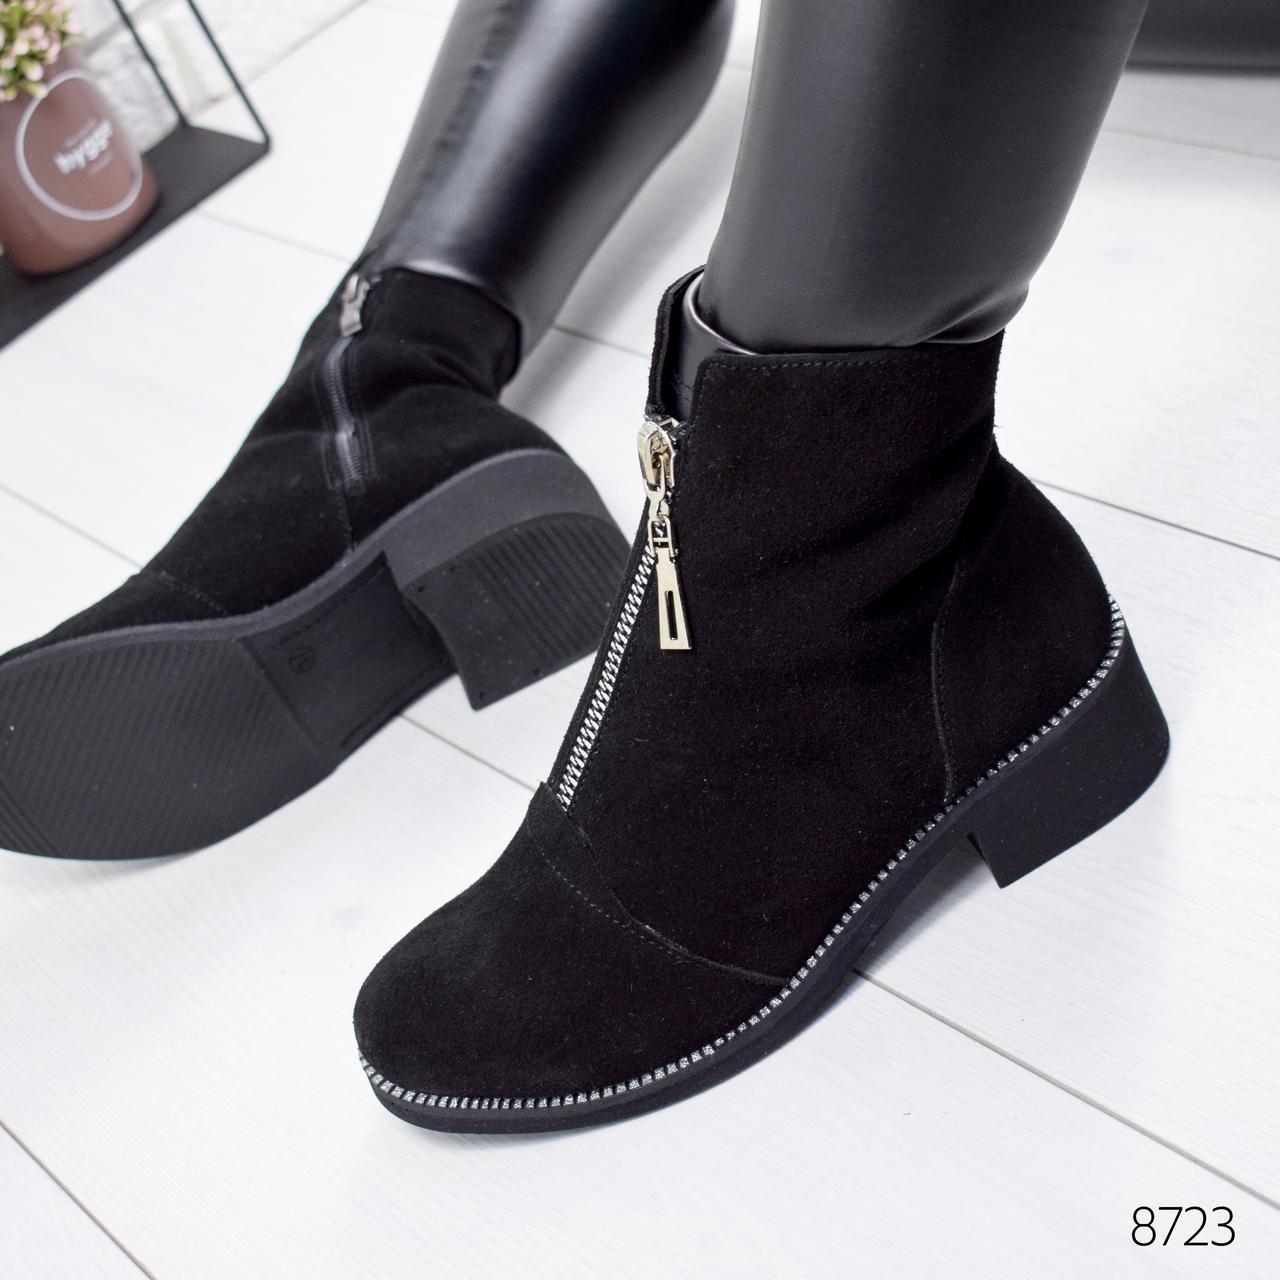 Ботинки женские Sorini черные замша 8723 Зима